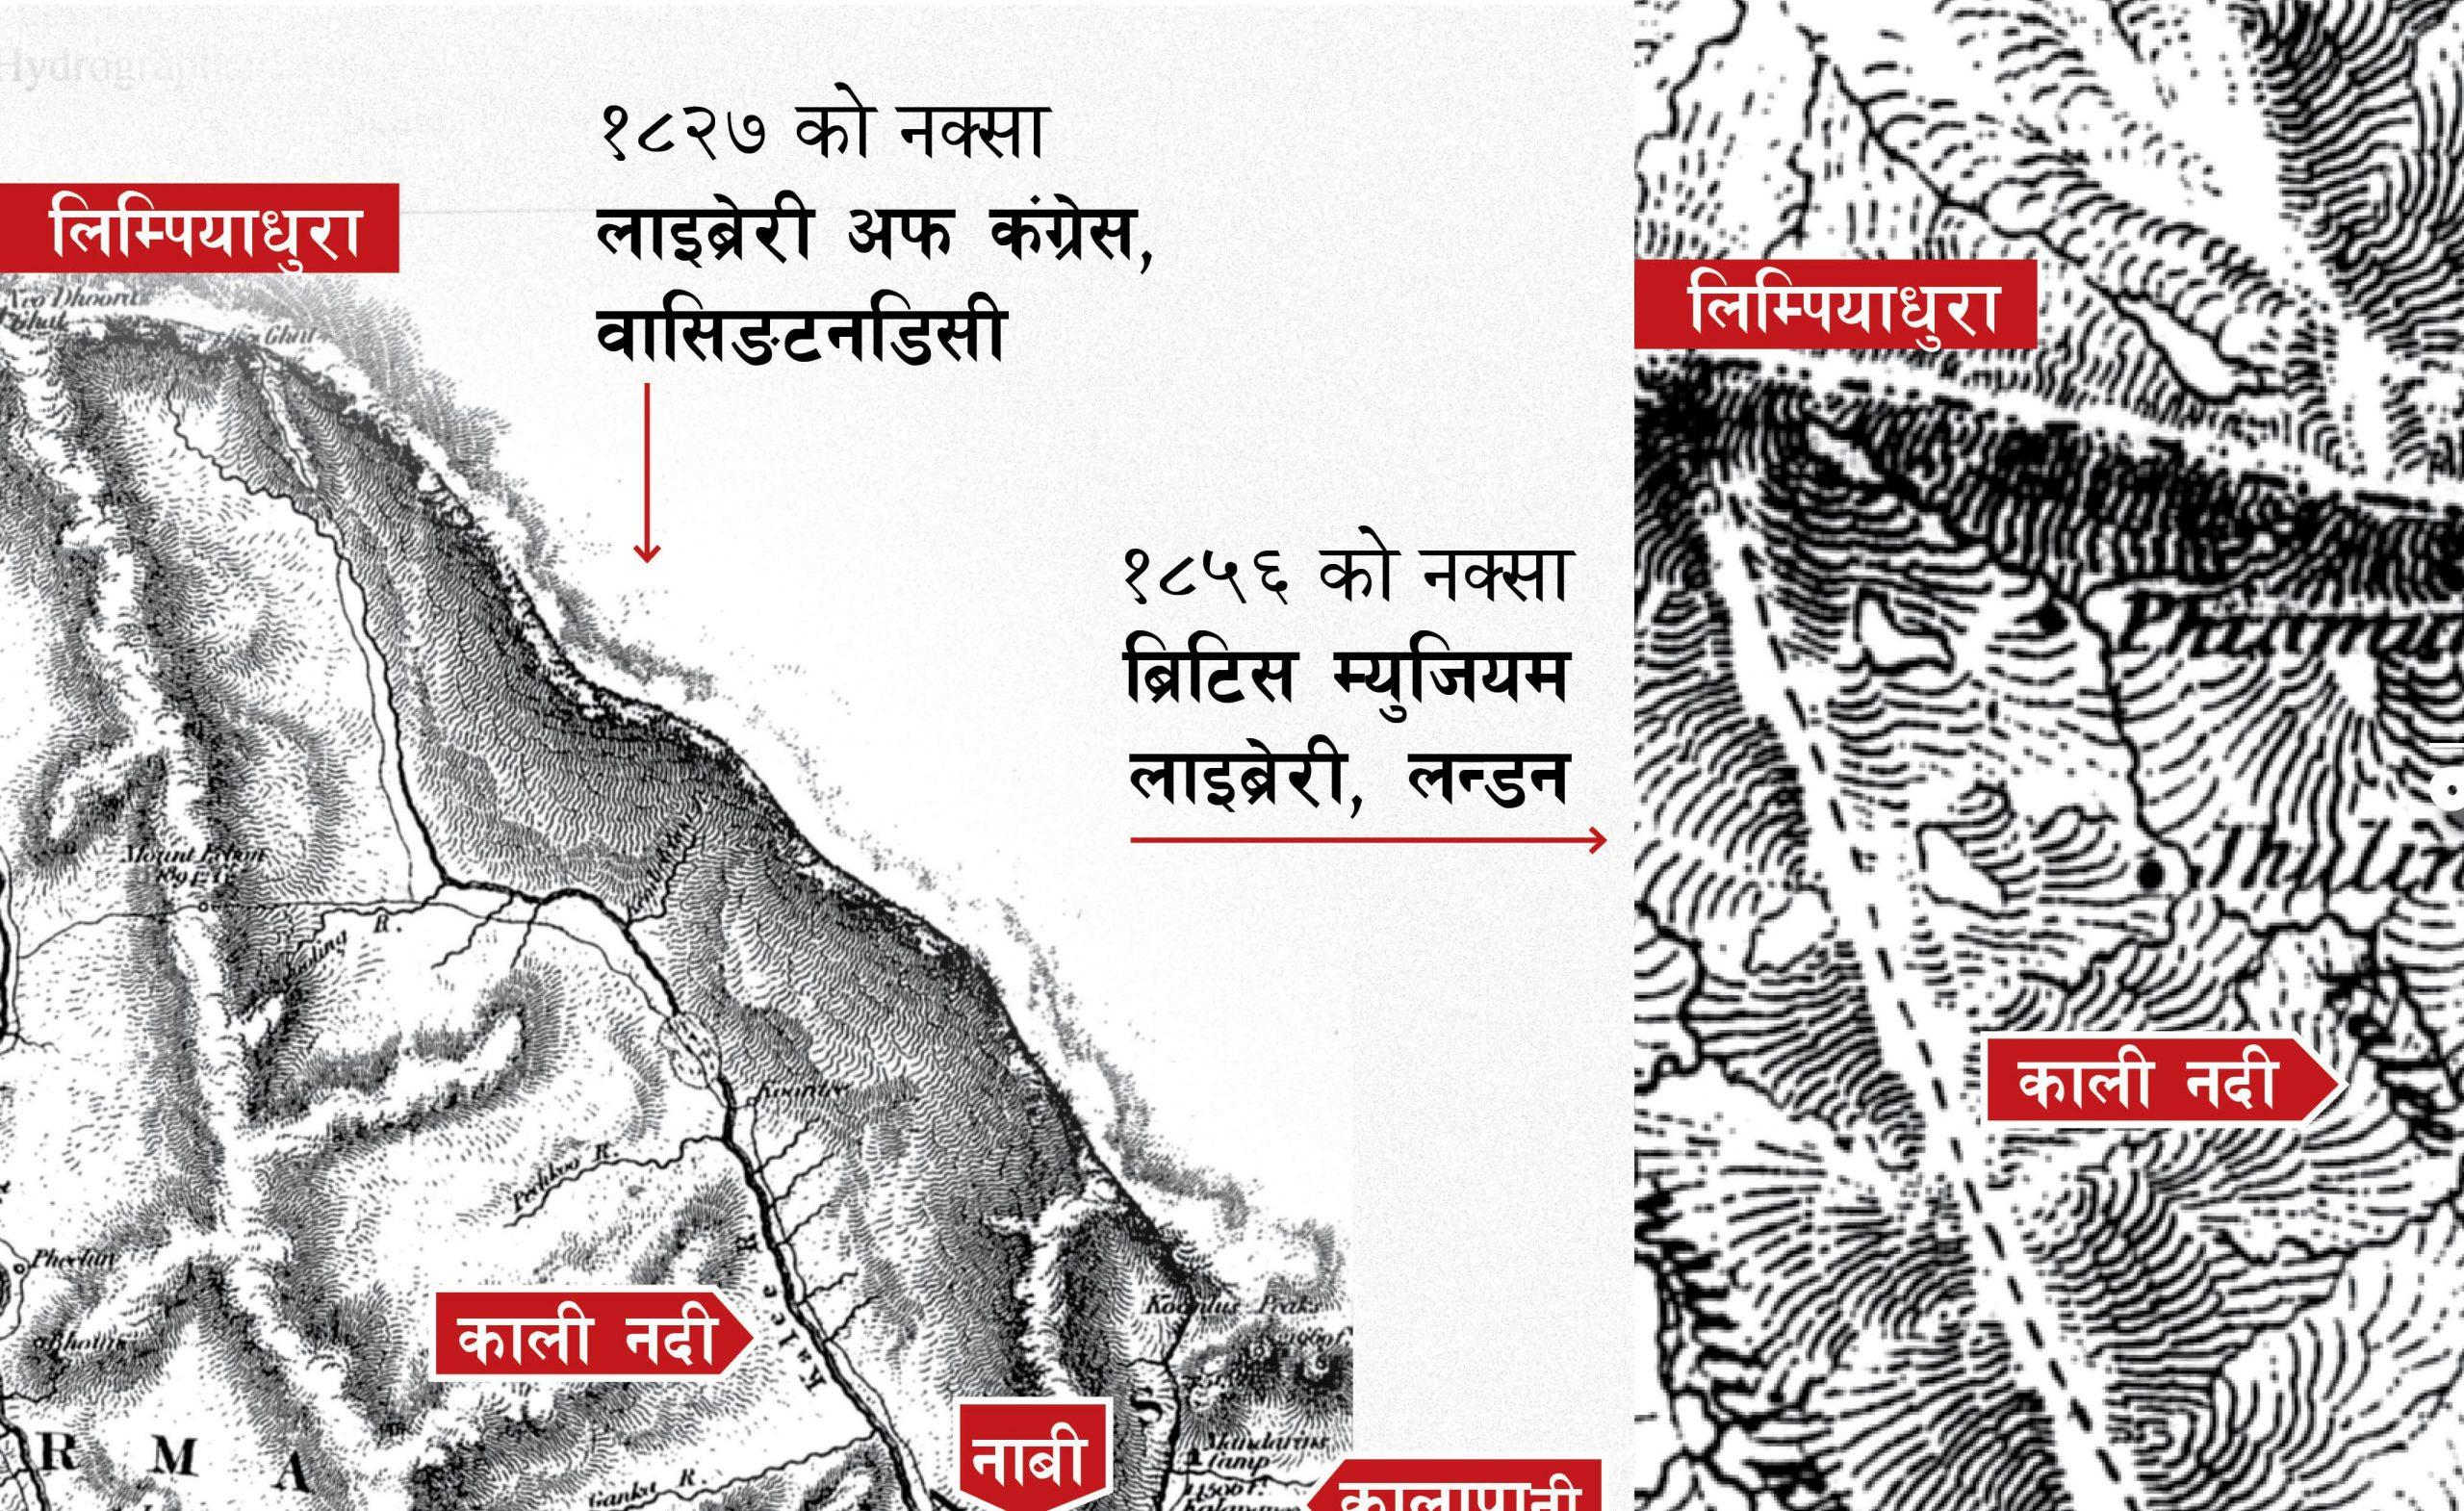 नयाँ नक्सामा कायम गरिएका भूमि नेपालकै रहेको थप प्रमाणहरु भेट्टियोे